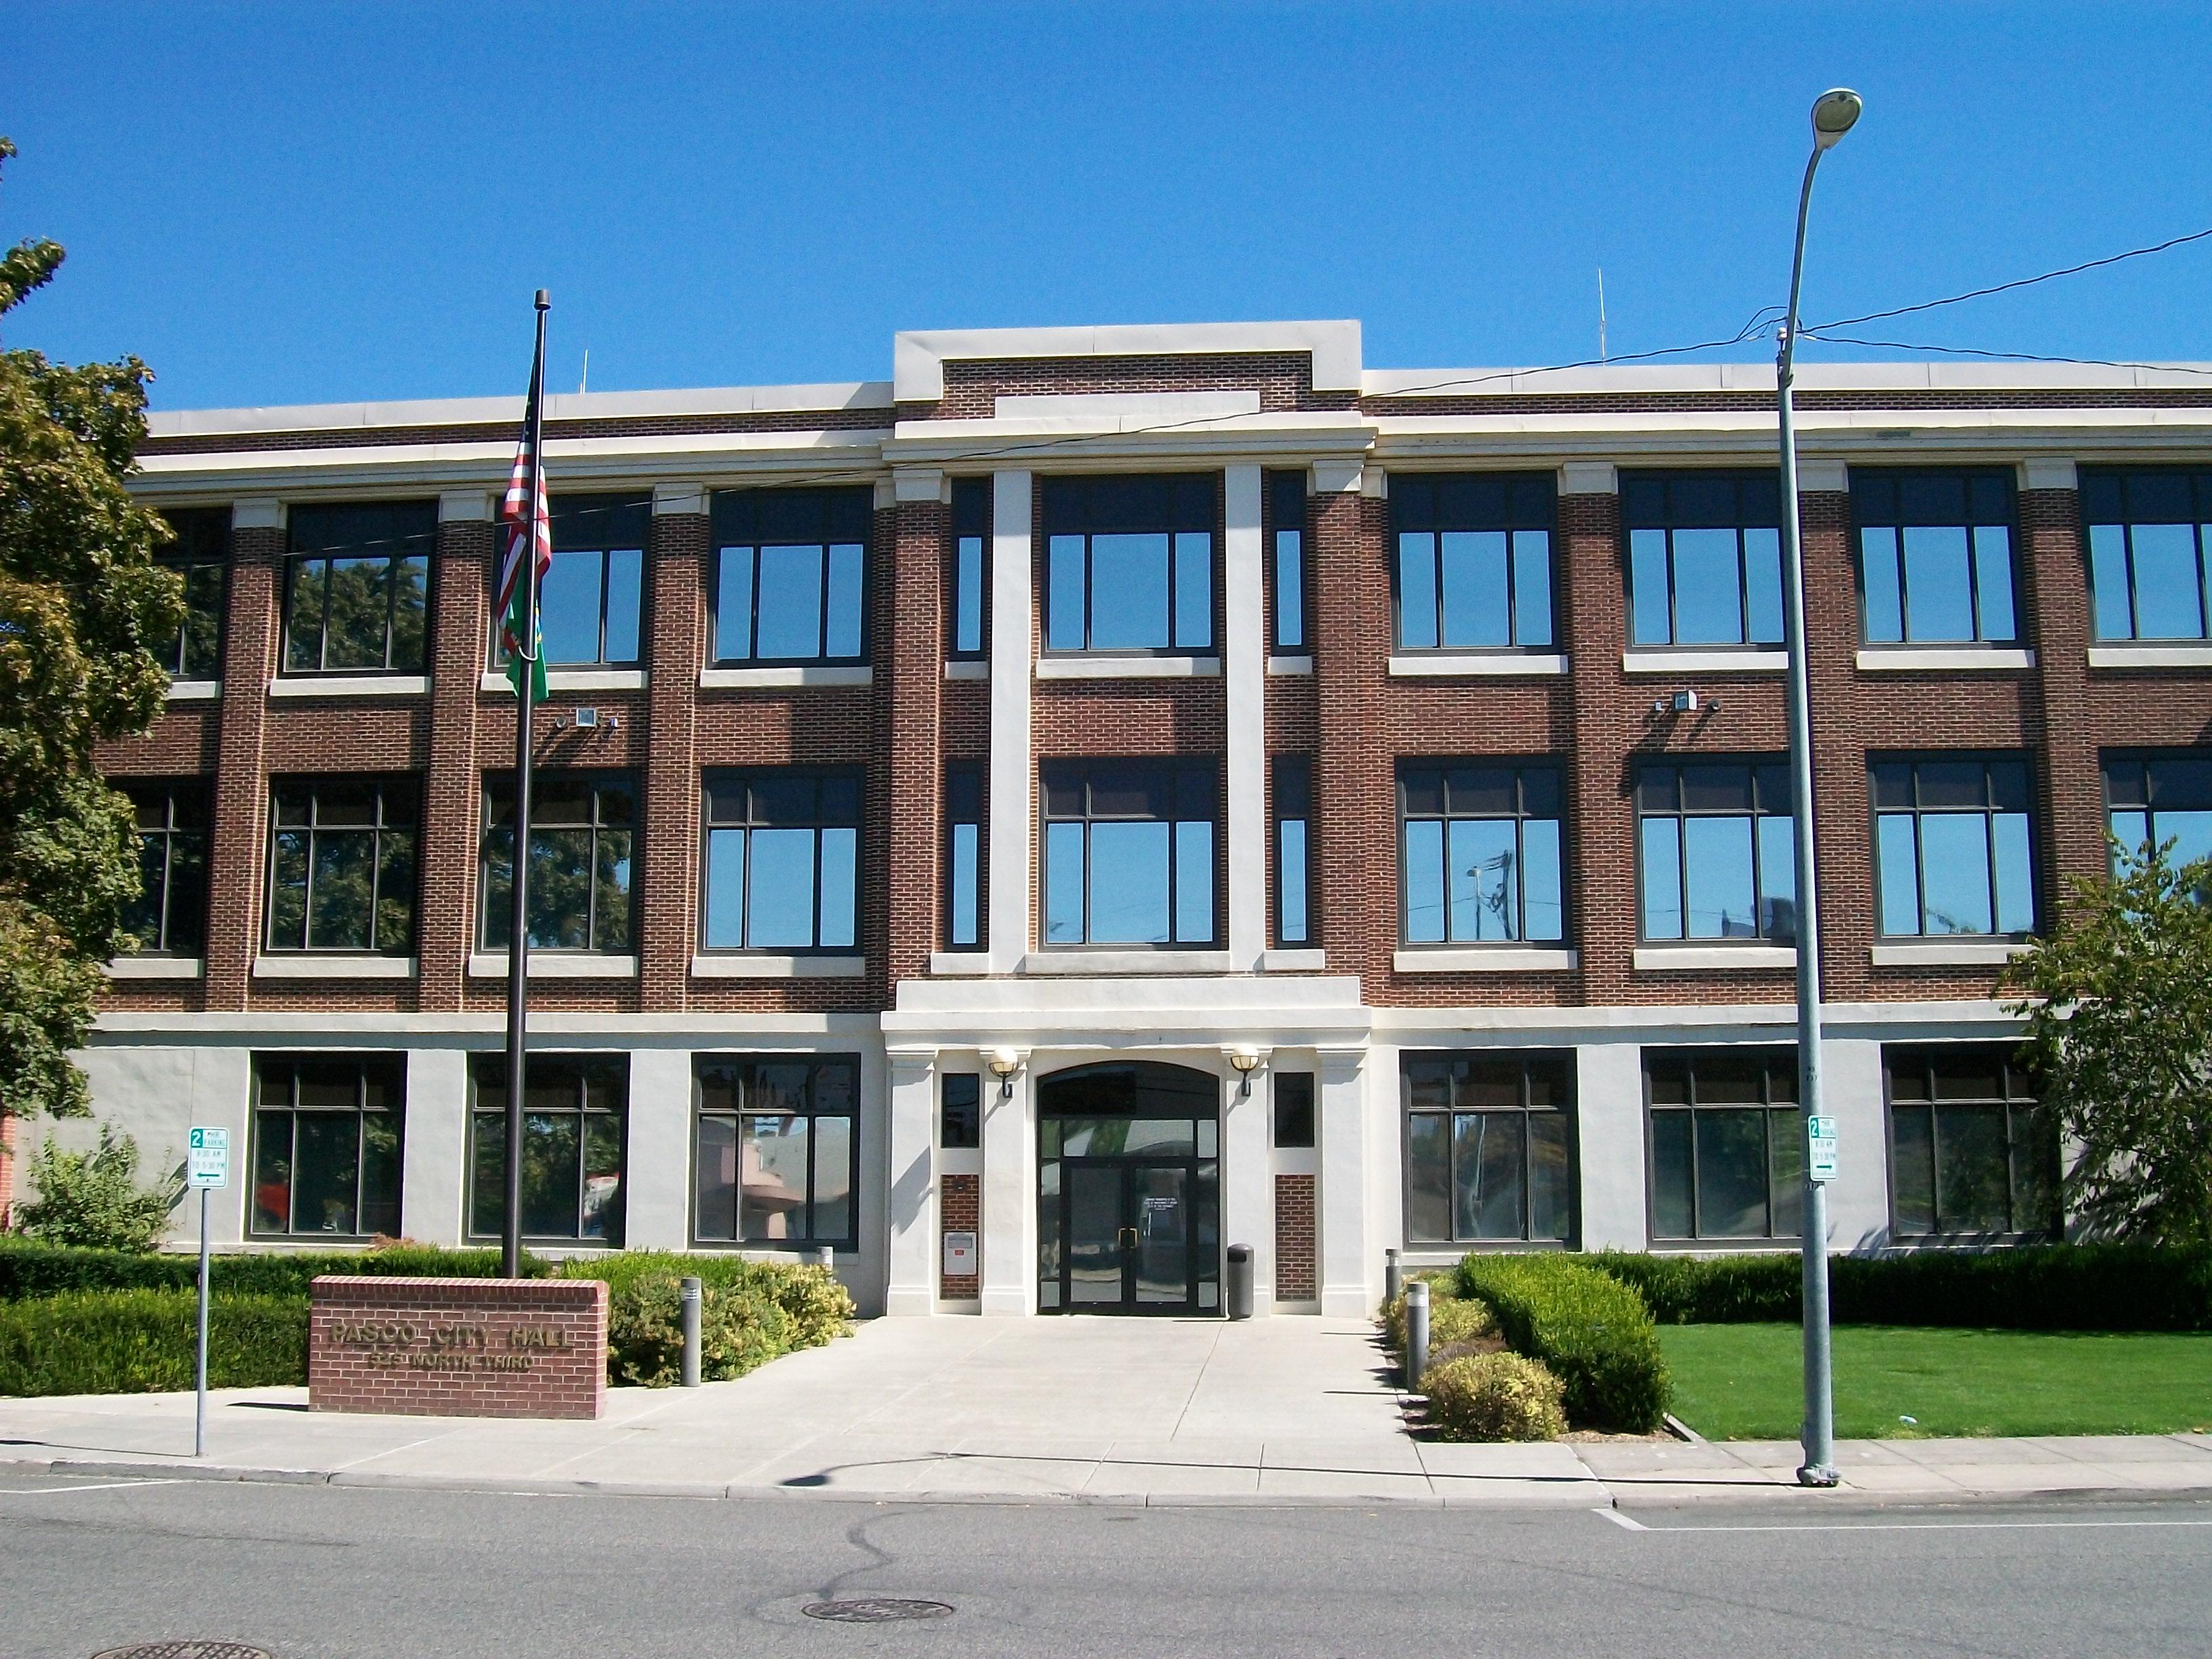 City_Hall_in_Pasco,_Washington_2